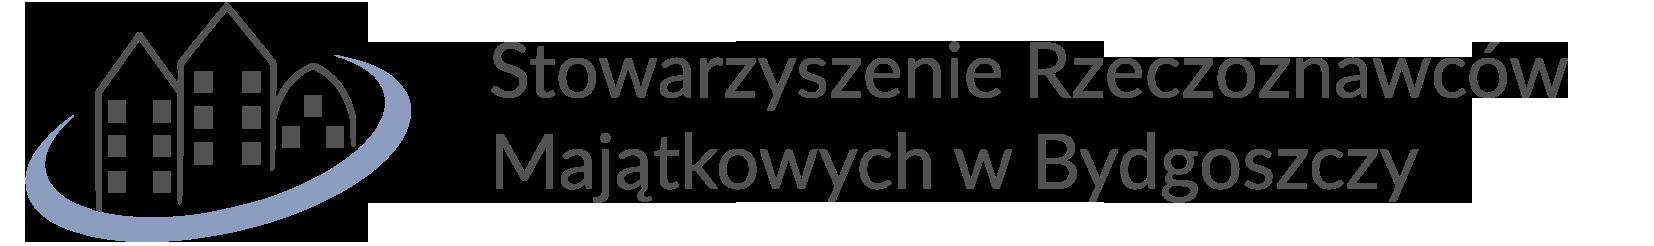 Stowarzyszenie Rzeczoznawców Majątkowych w Bydgoszczy